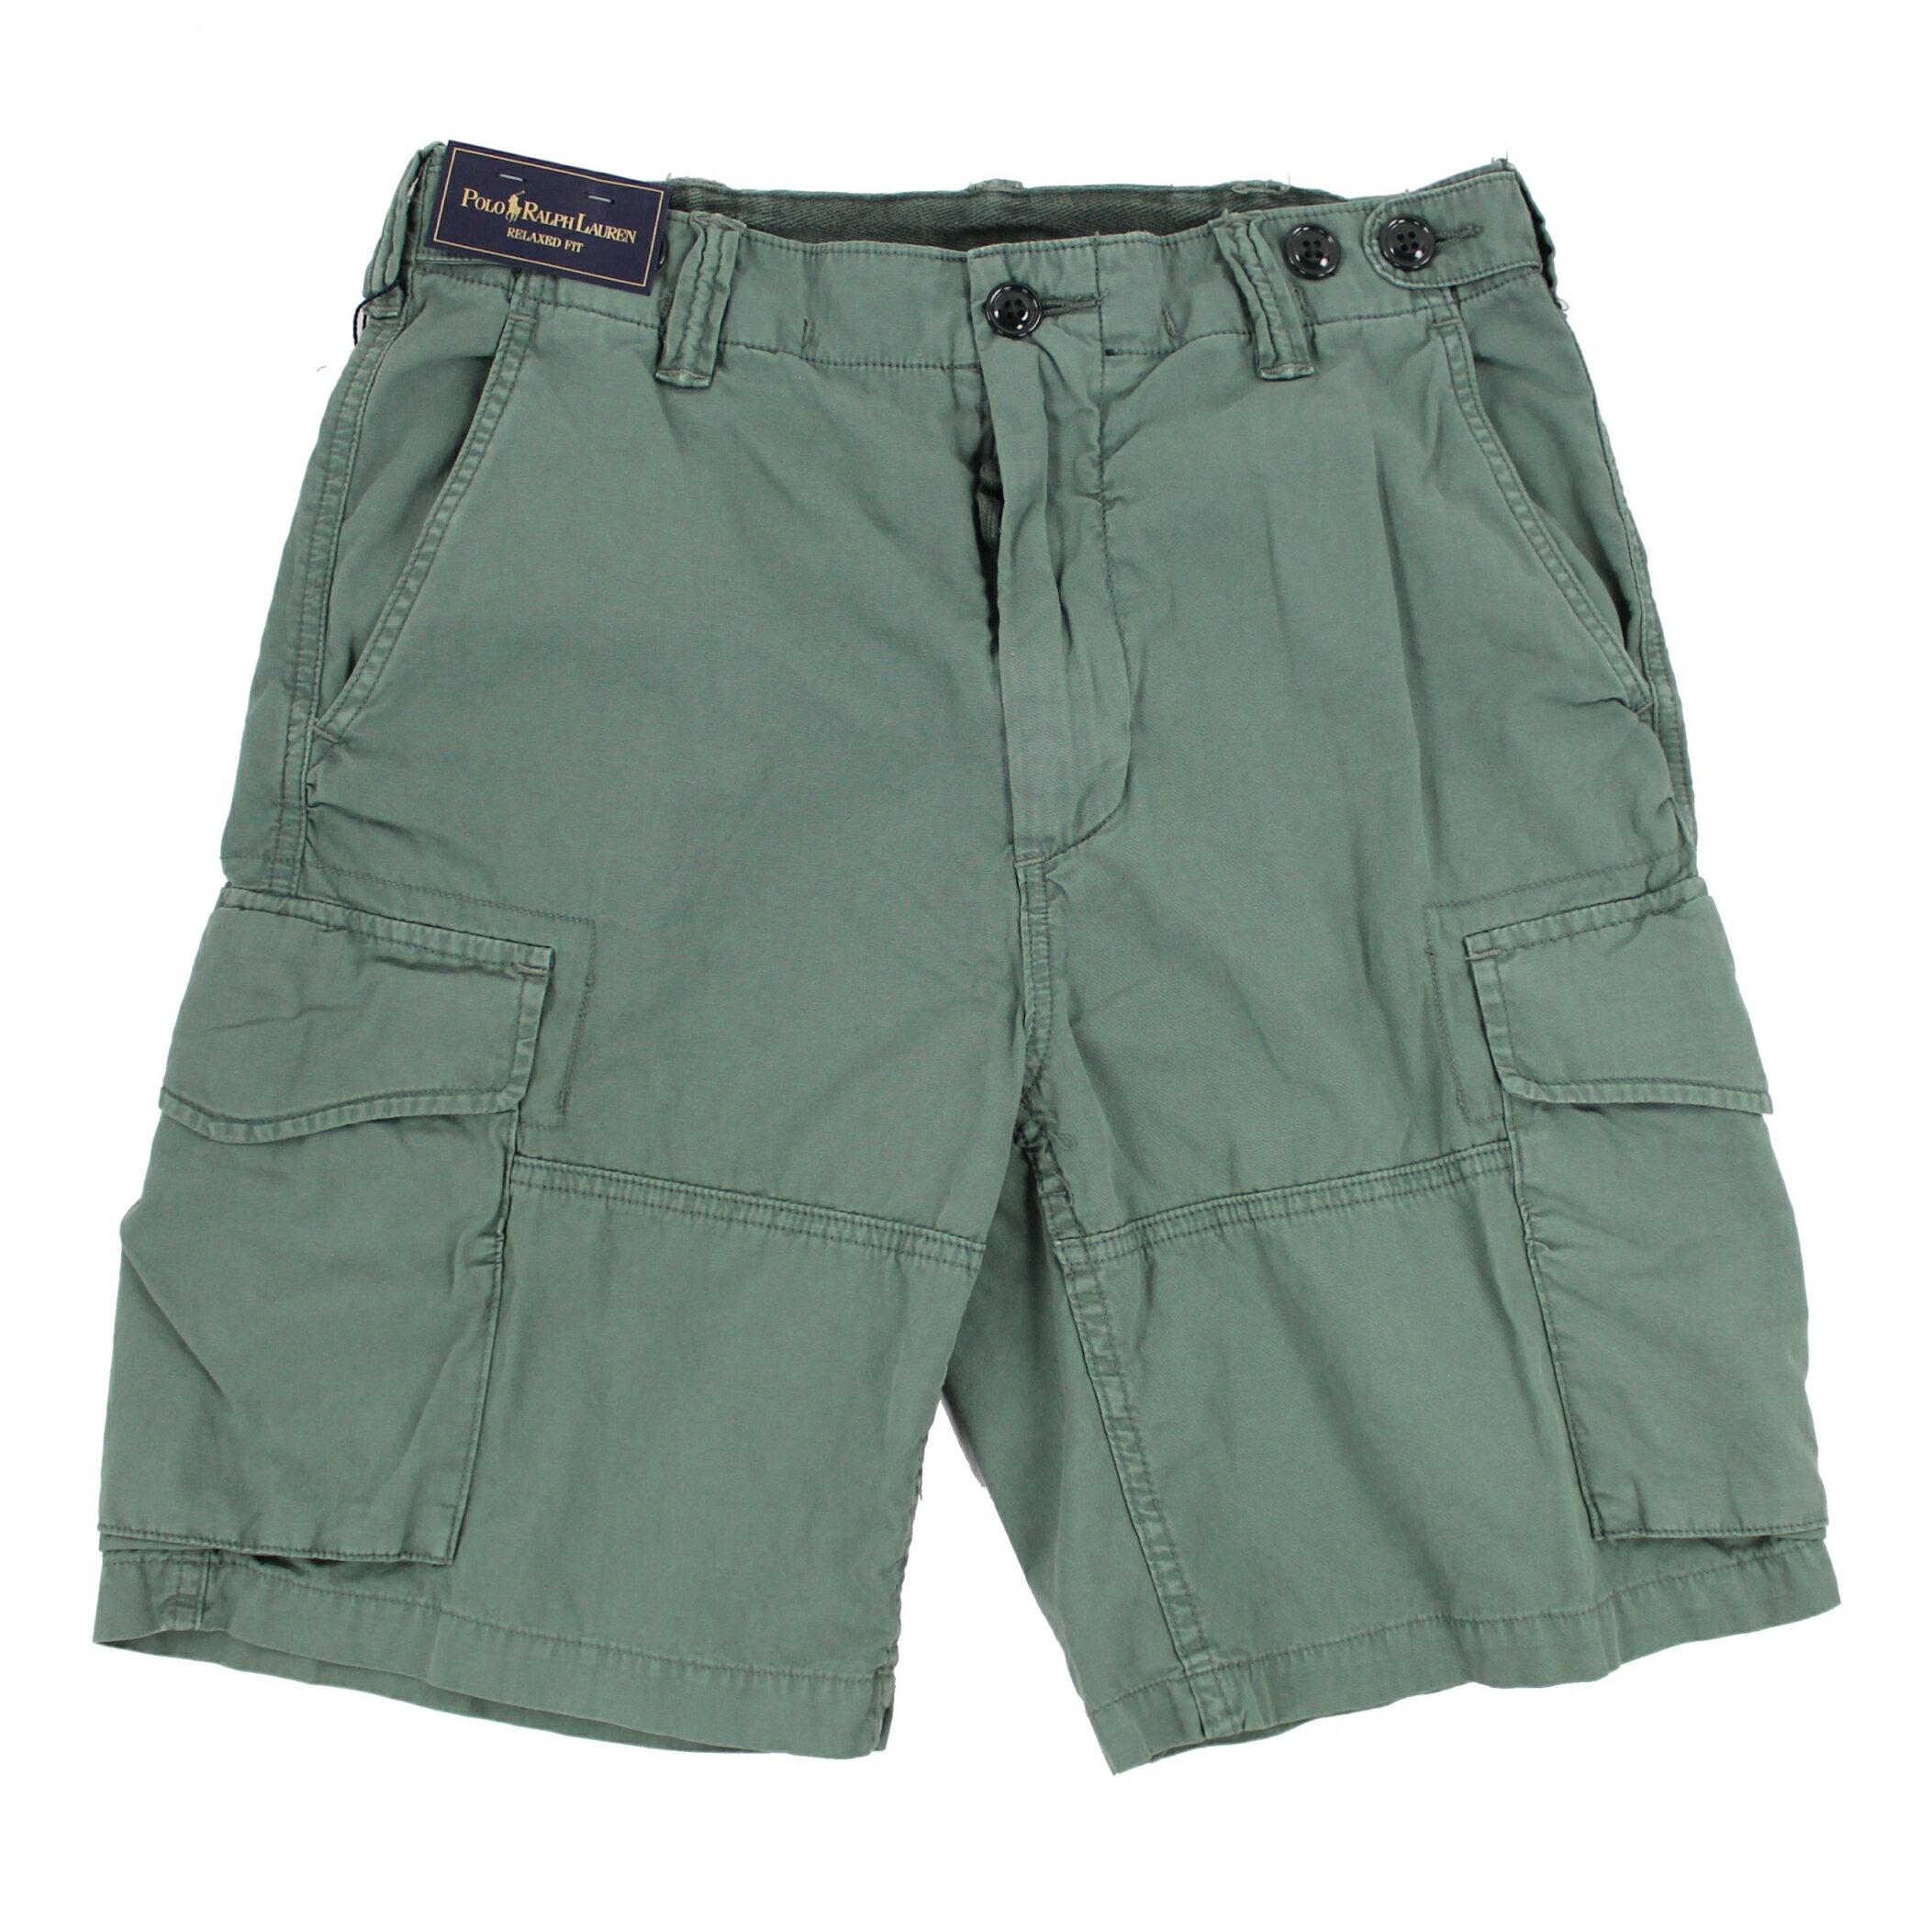 美國百分百【全新真品】Ralph Lauren 褲子 RL 男褲 POLO 短褲 工作褲 淺綠色 30腰 E111